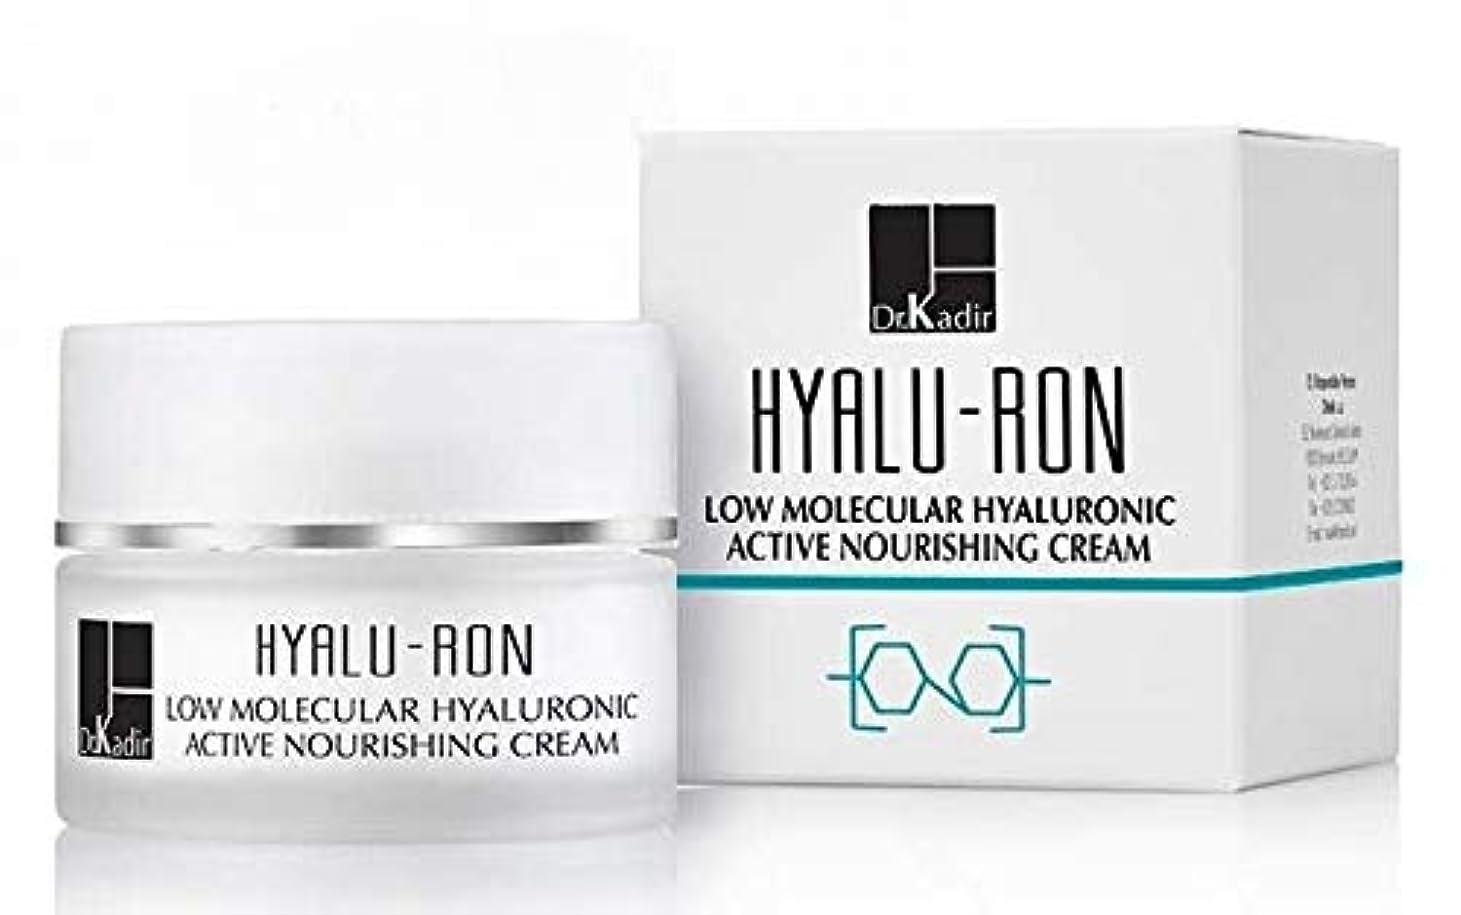 考えるスタウトアソシエイトDr. Kadir Hyalu-Ron Low Molecular Hyaluronic Active Nourishing Cream 50ml